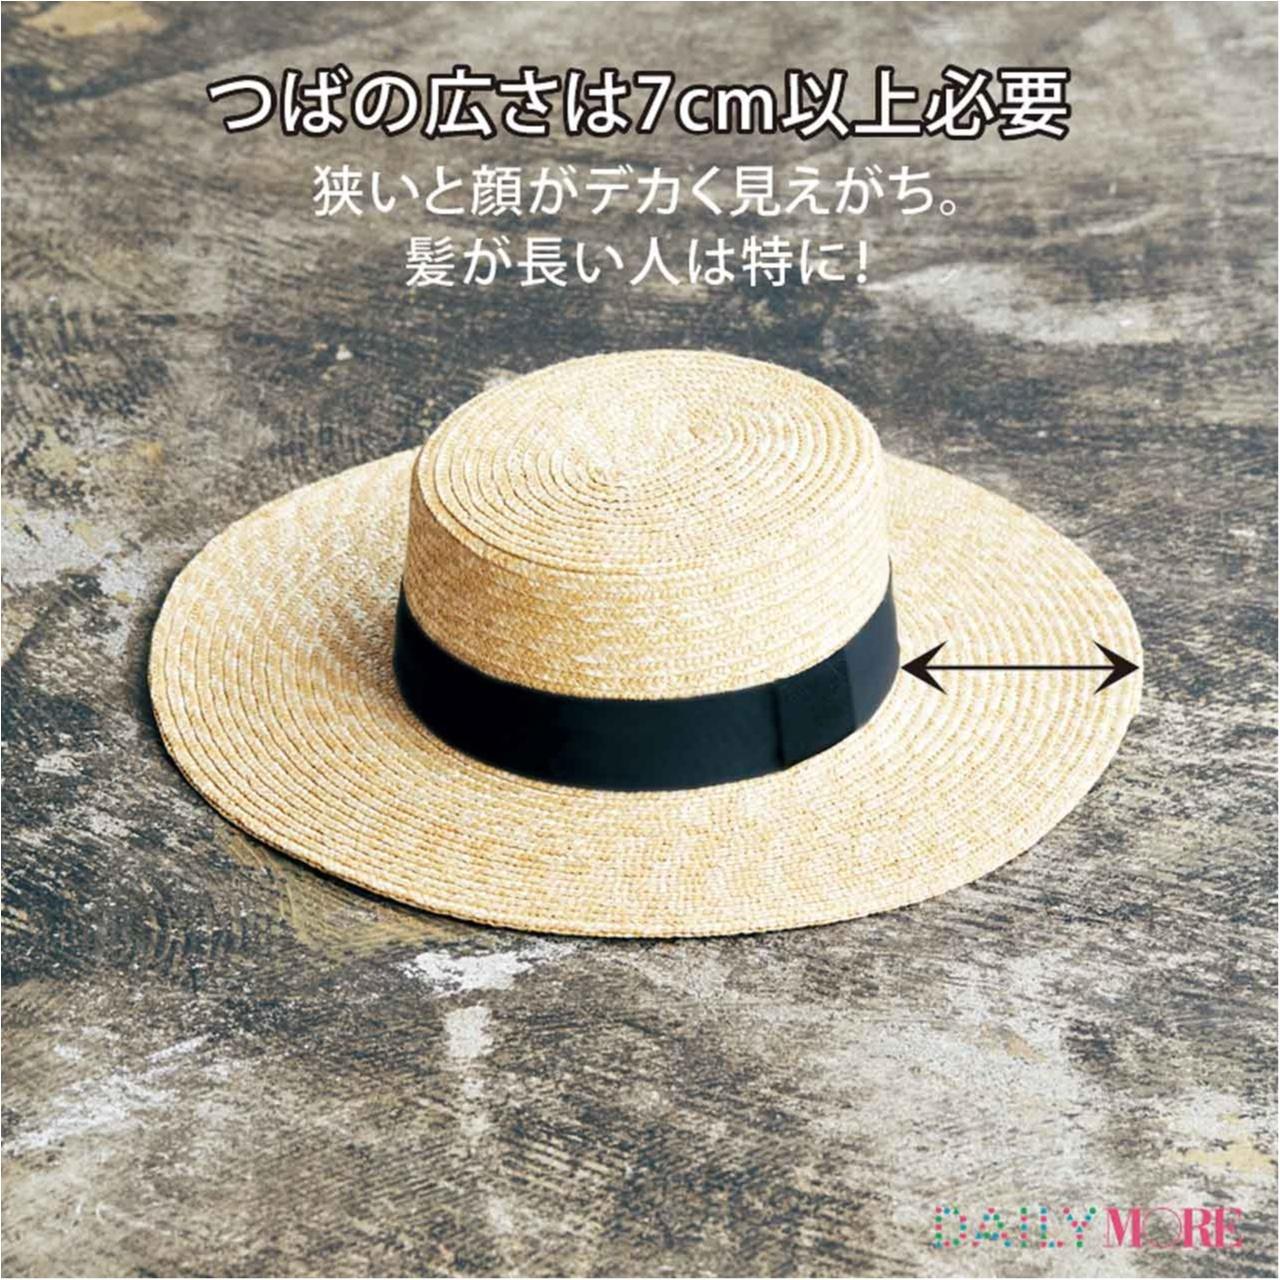 それ、ちゃんとおしゃれに見えていますか? 【カンカン帽】の選び方、3つのポイント!_1_3